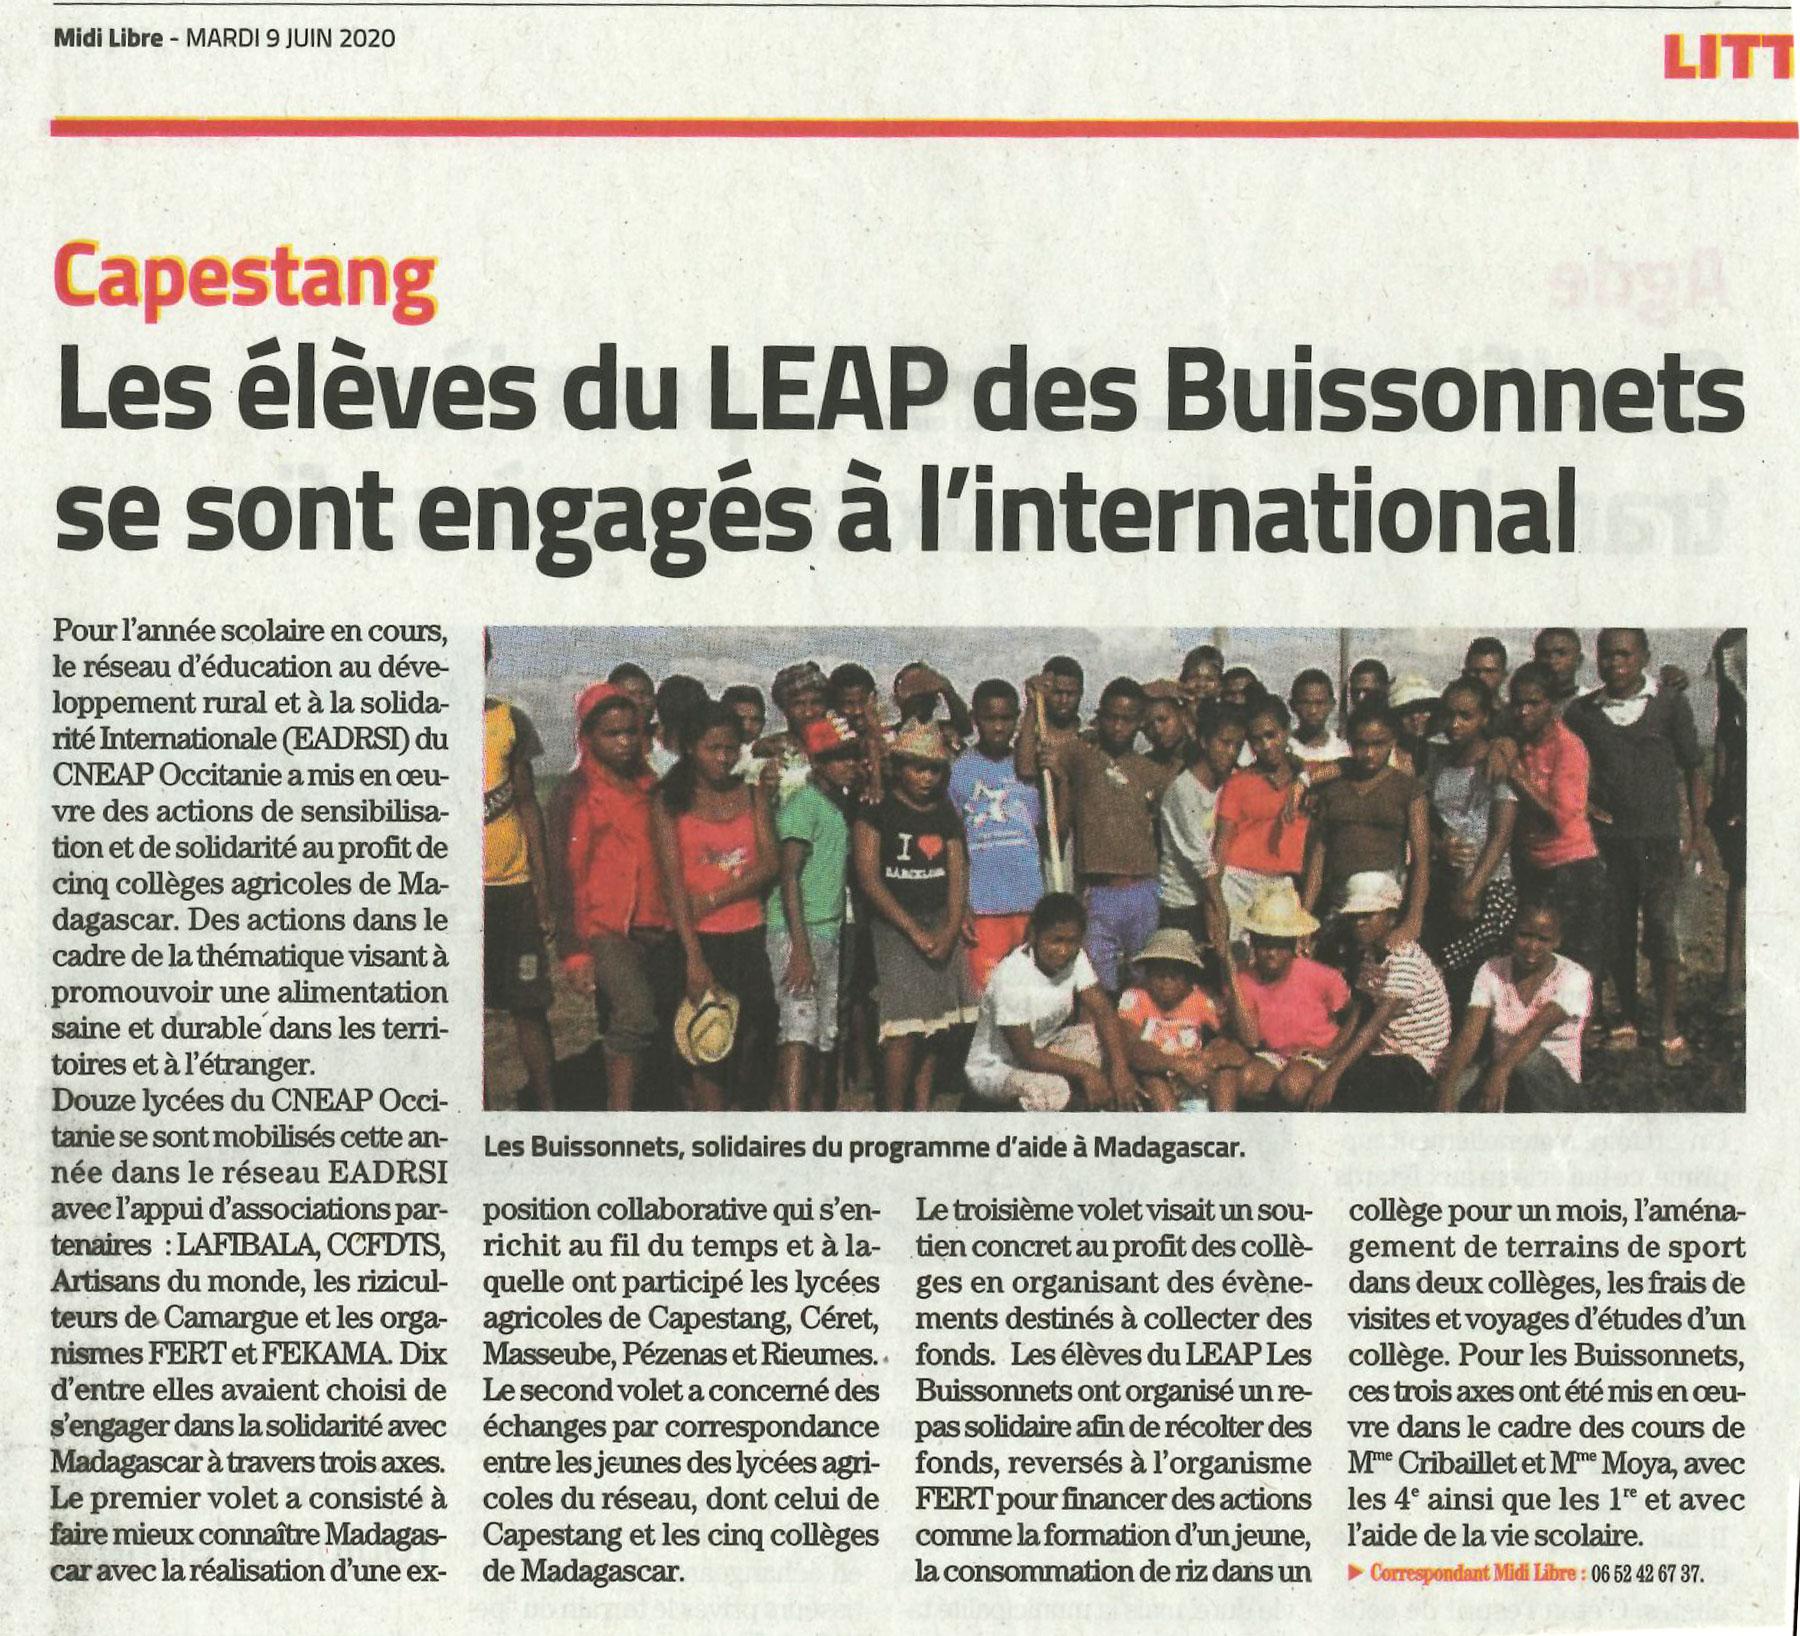 Midi Libre parle des Buissonnets